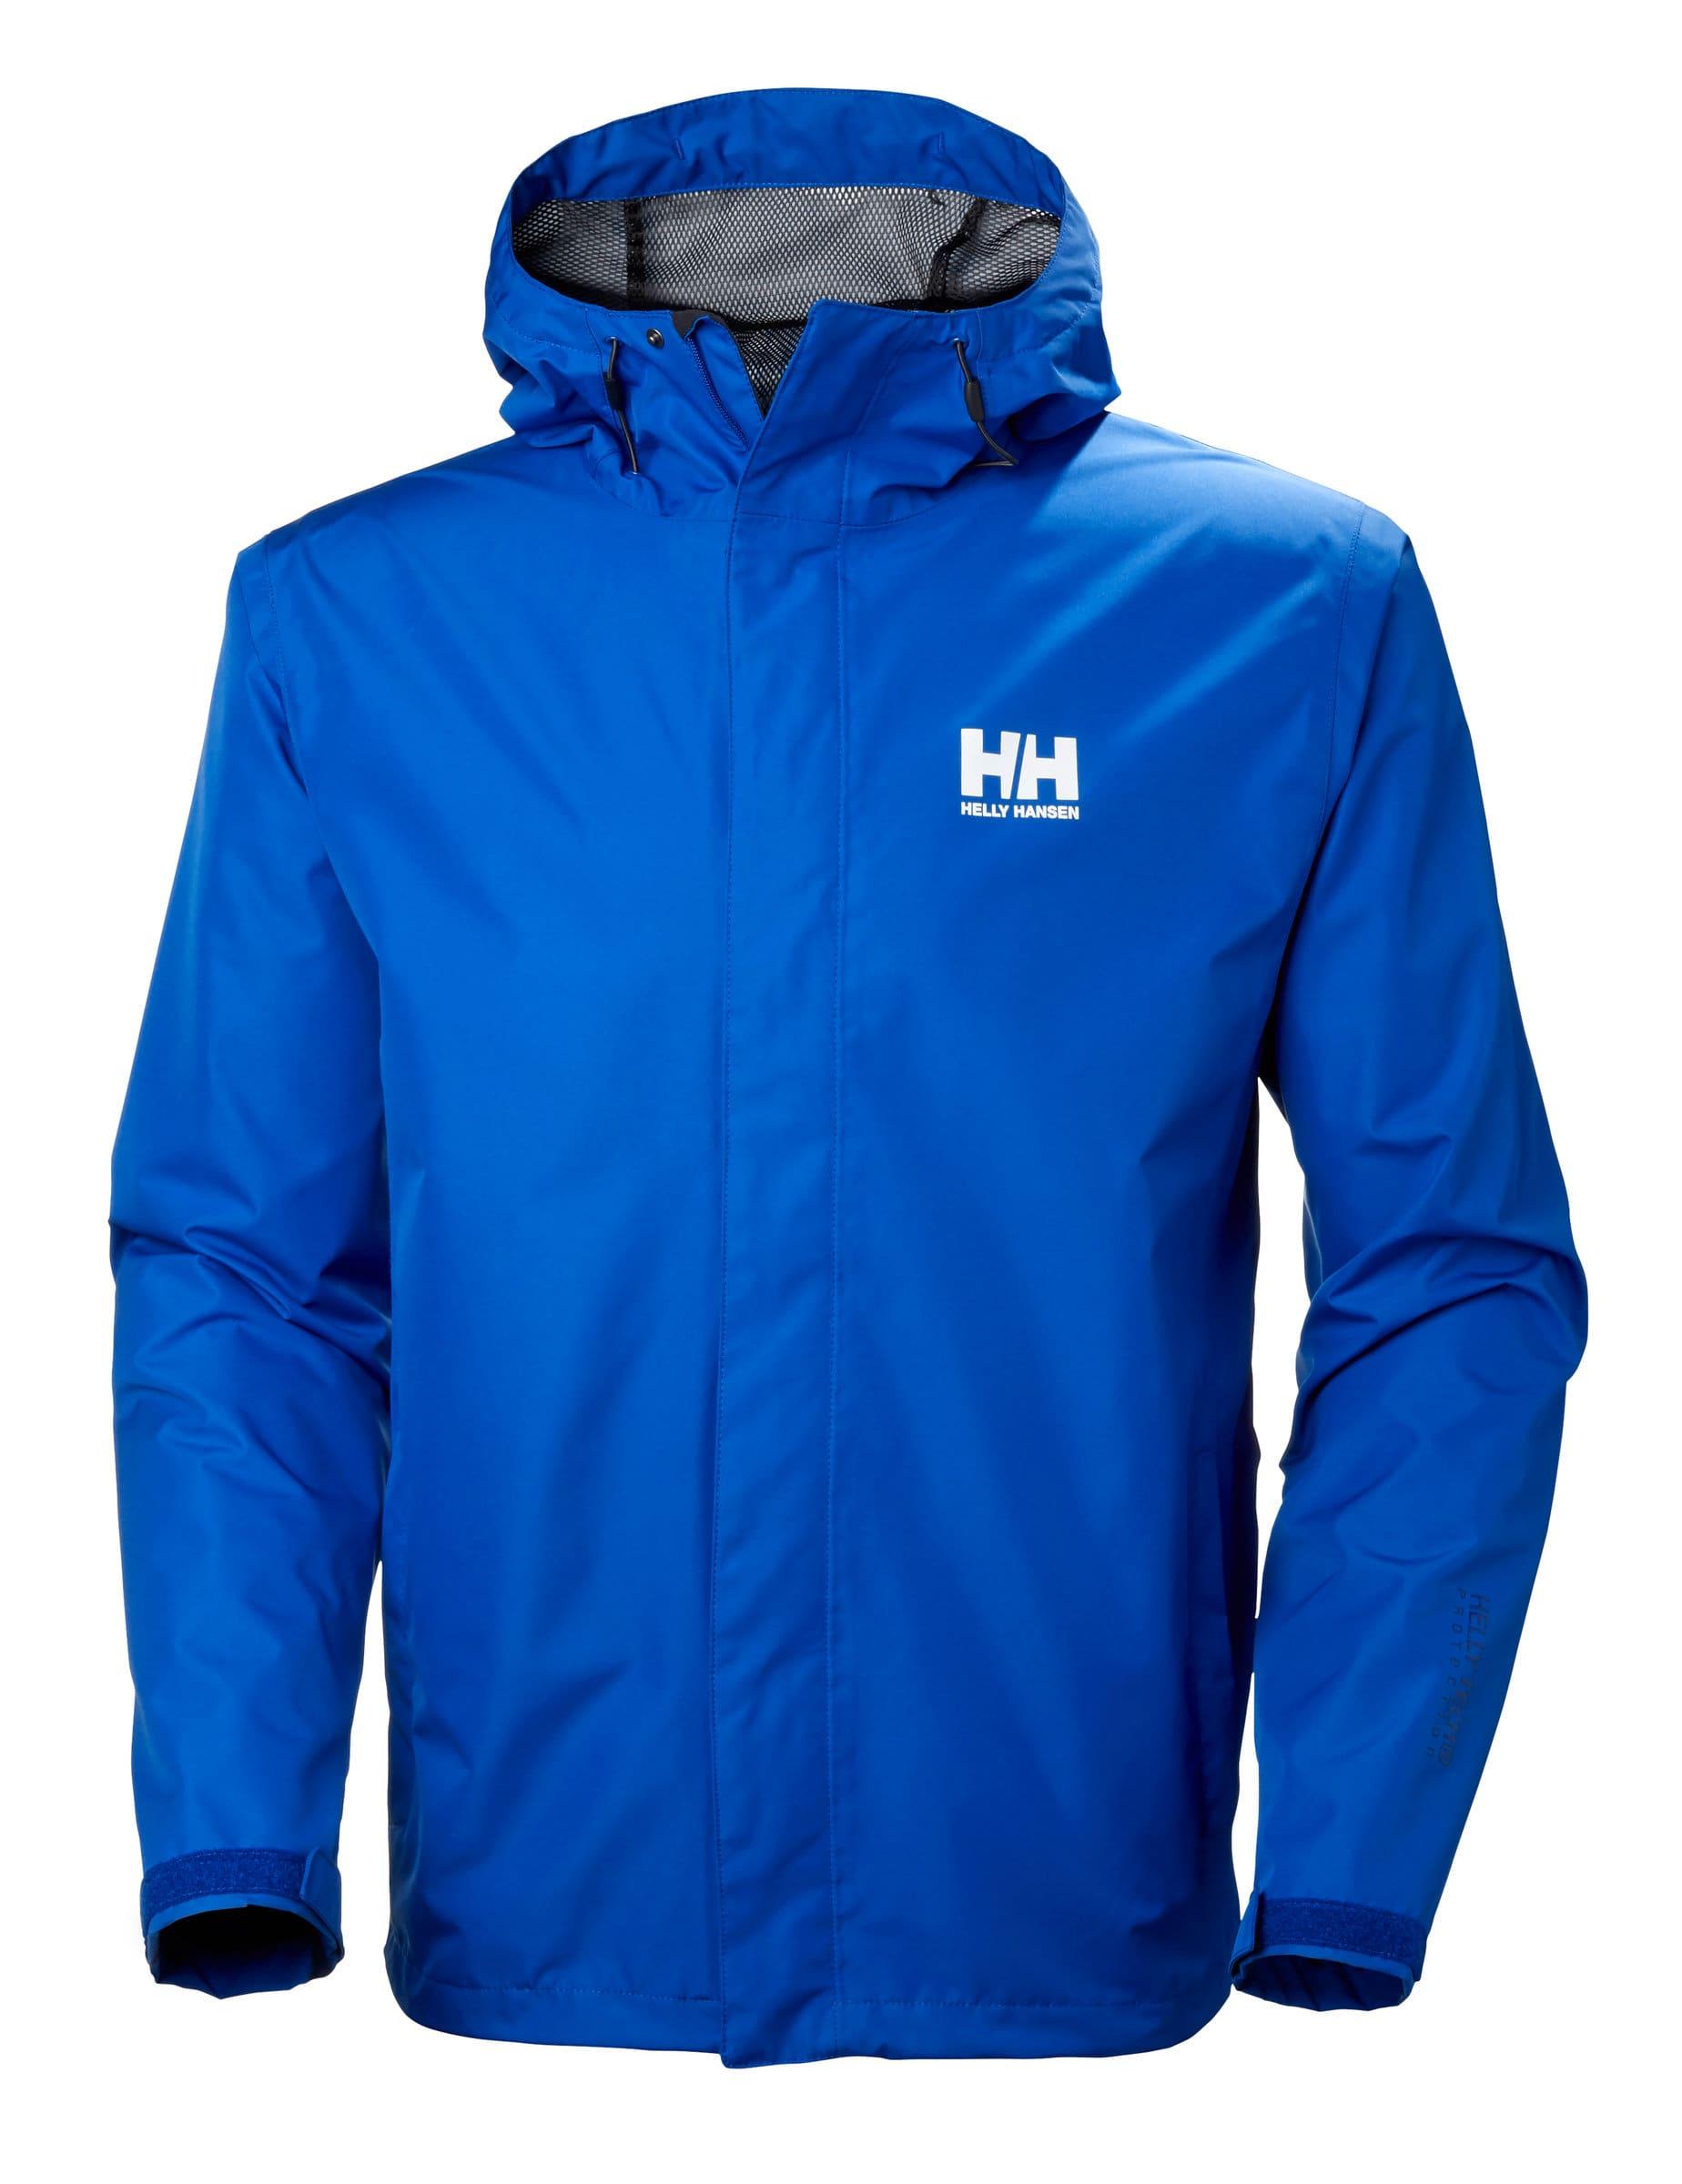 wholesale dealer 55e9b b4e11 Helly Hansen Seven J Herren-Regenjacke